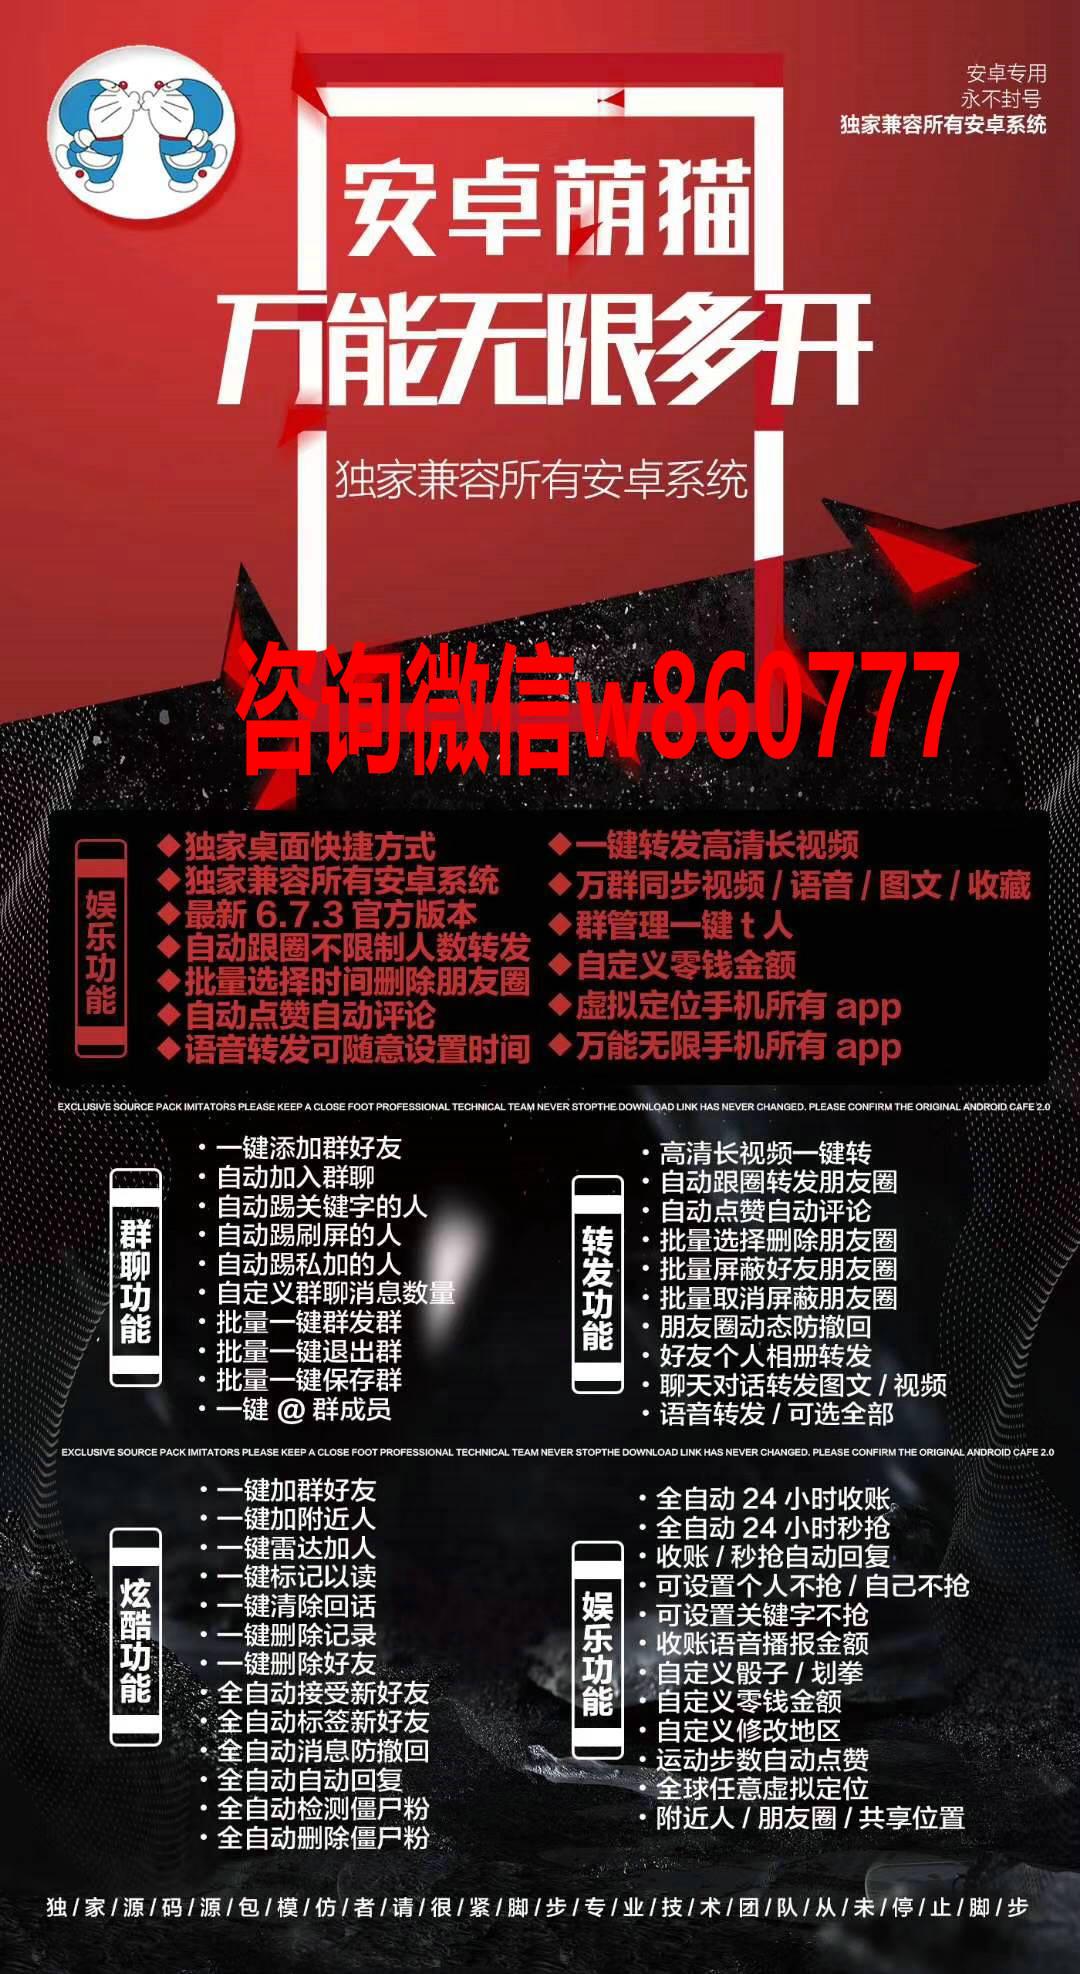 安卓萌猫 黑科技功能众多!2019舞厅热播《甘心情愿爱着你》,中文DJ舞曲大串烧!